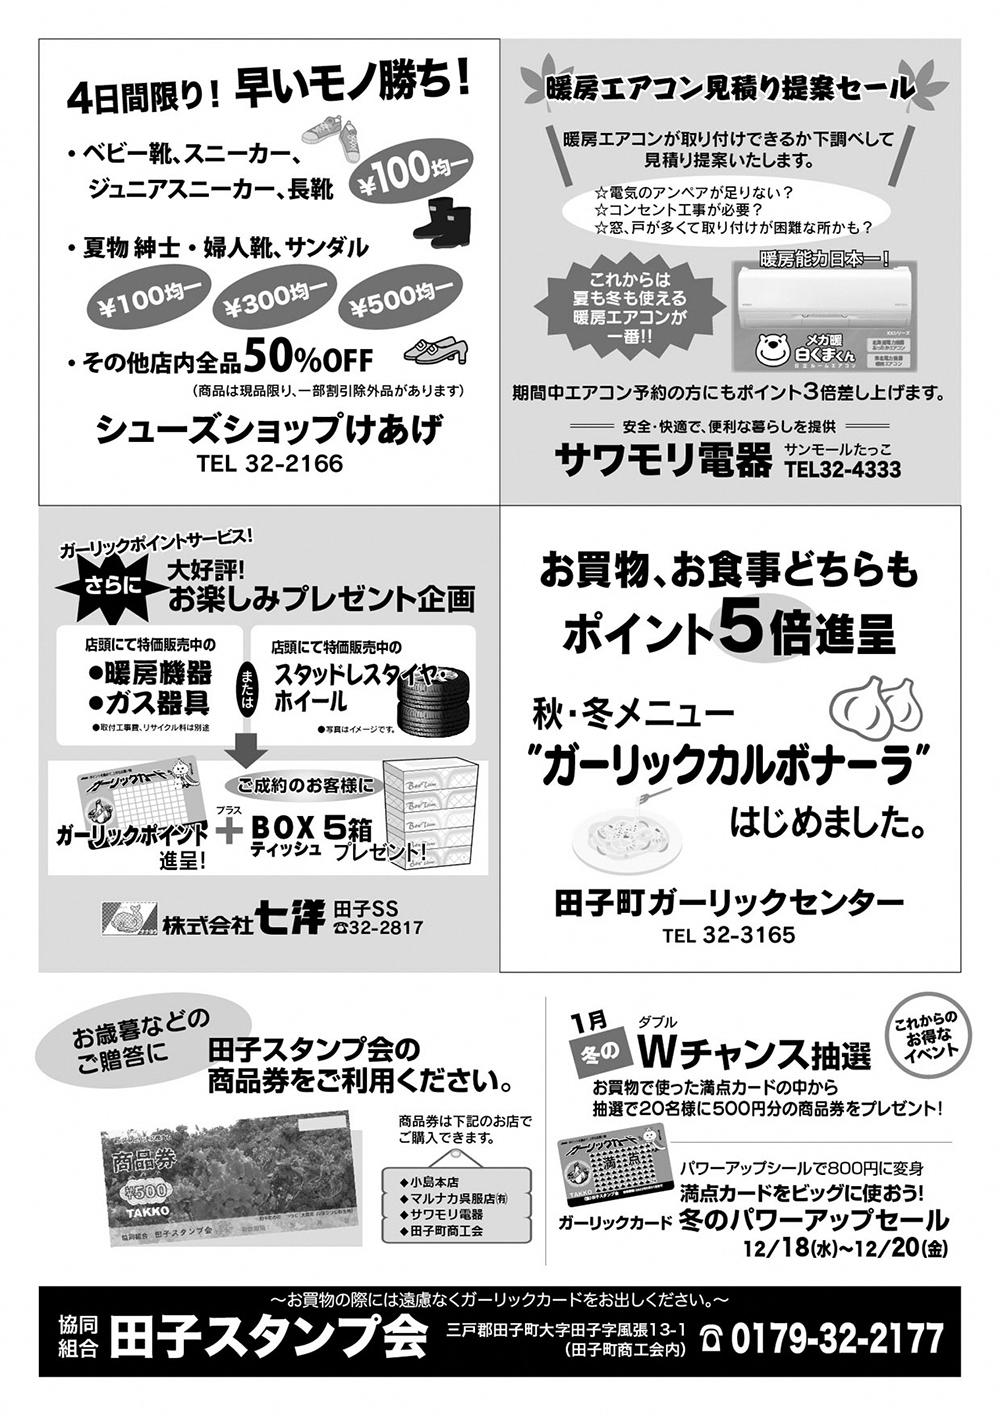 青森県田子町秋の収穫感謝セール